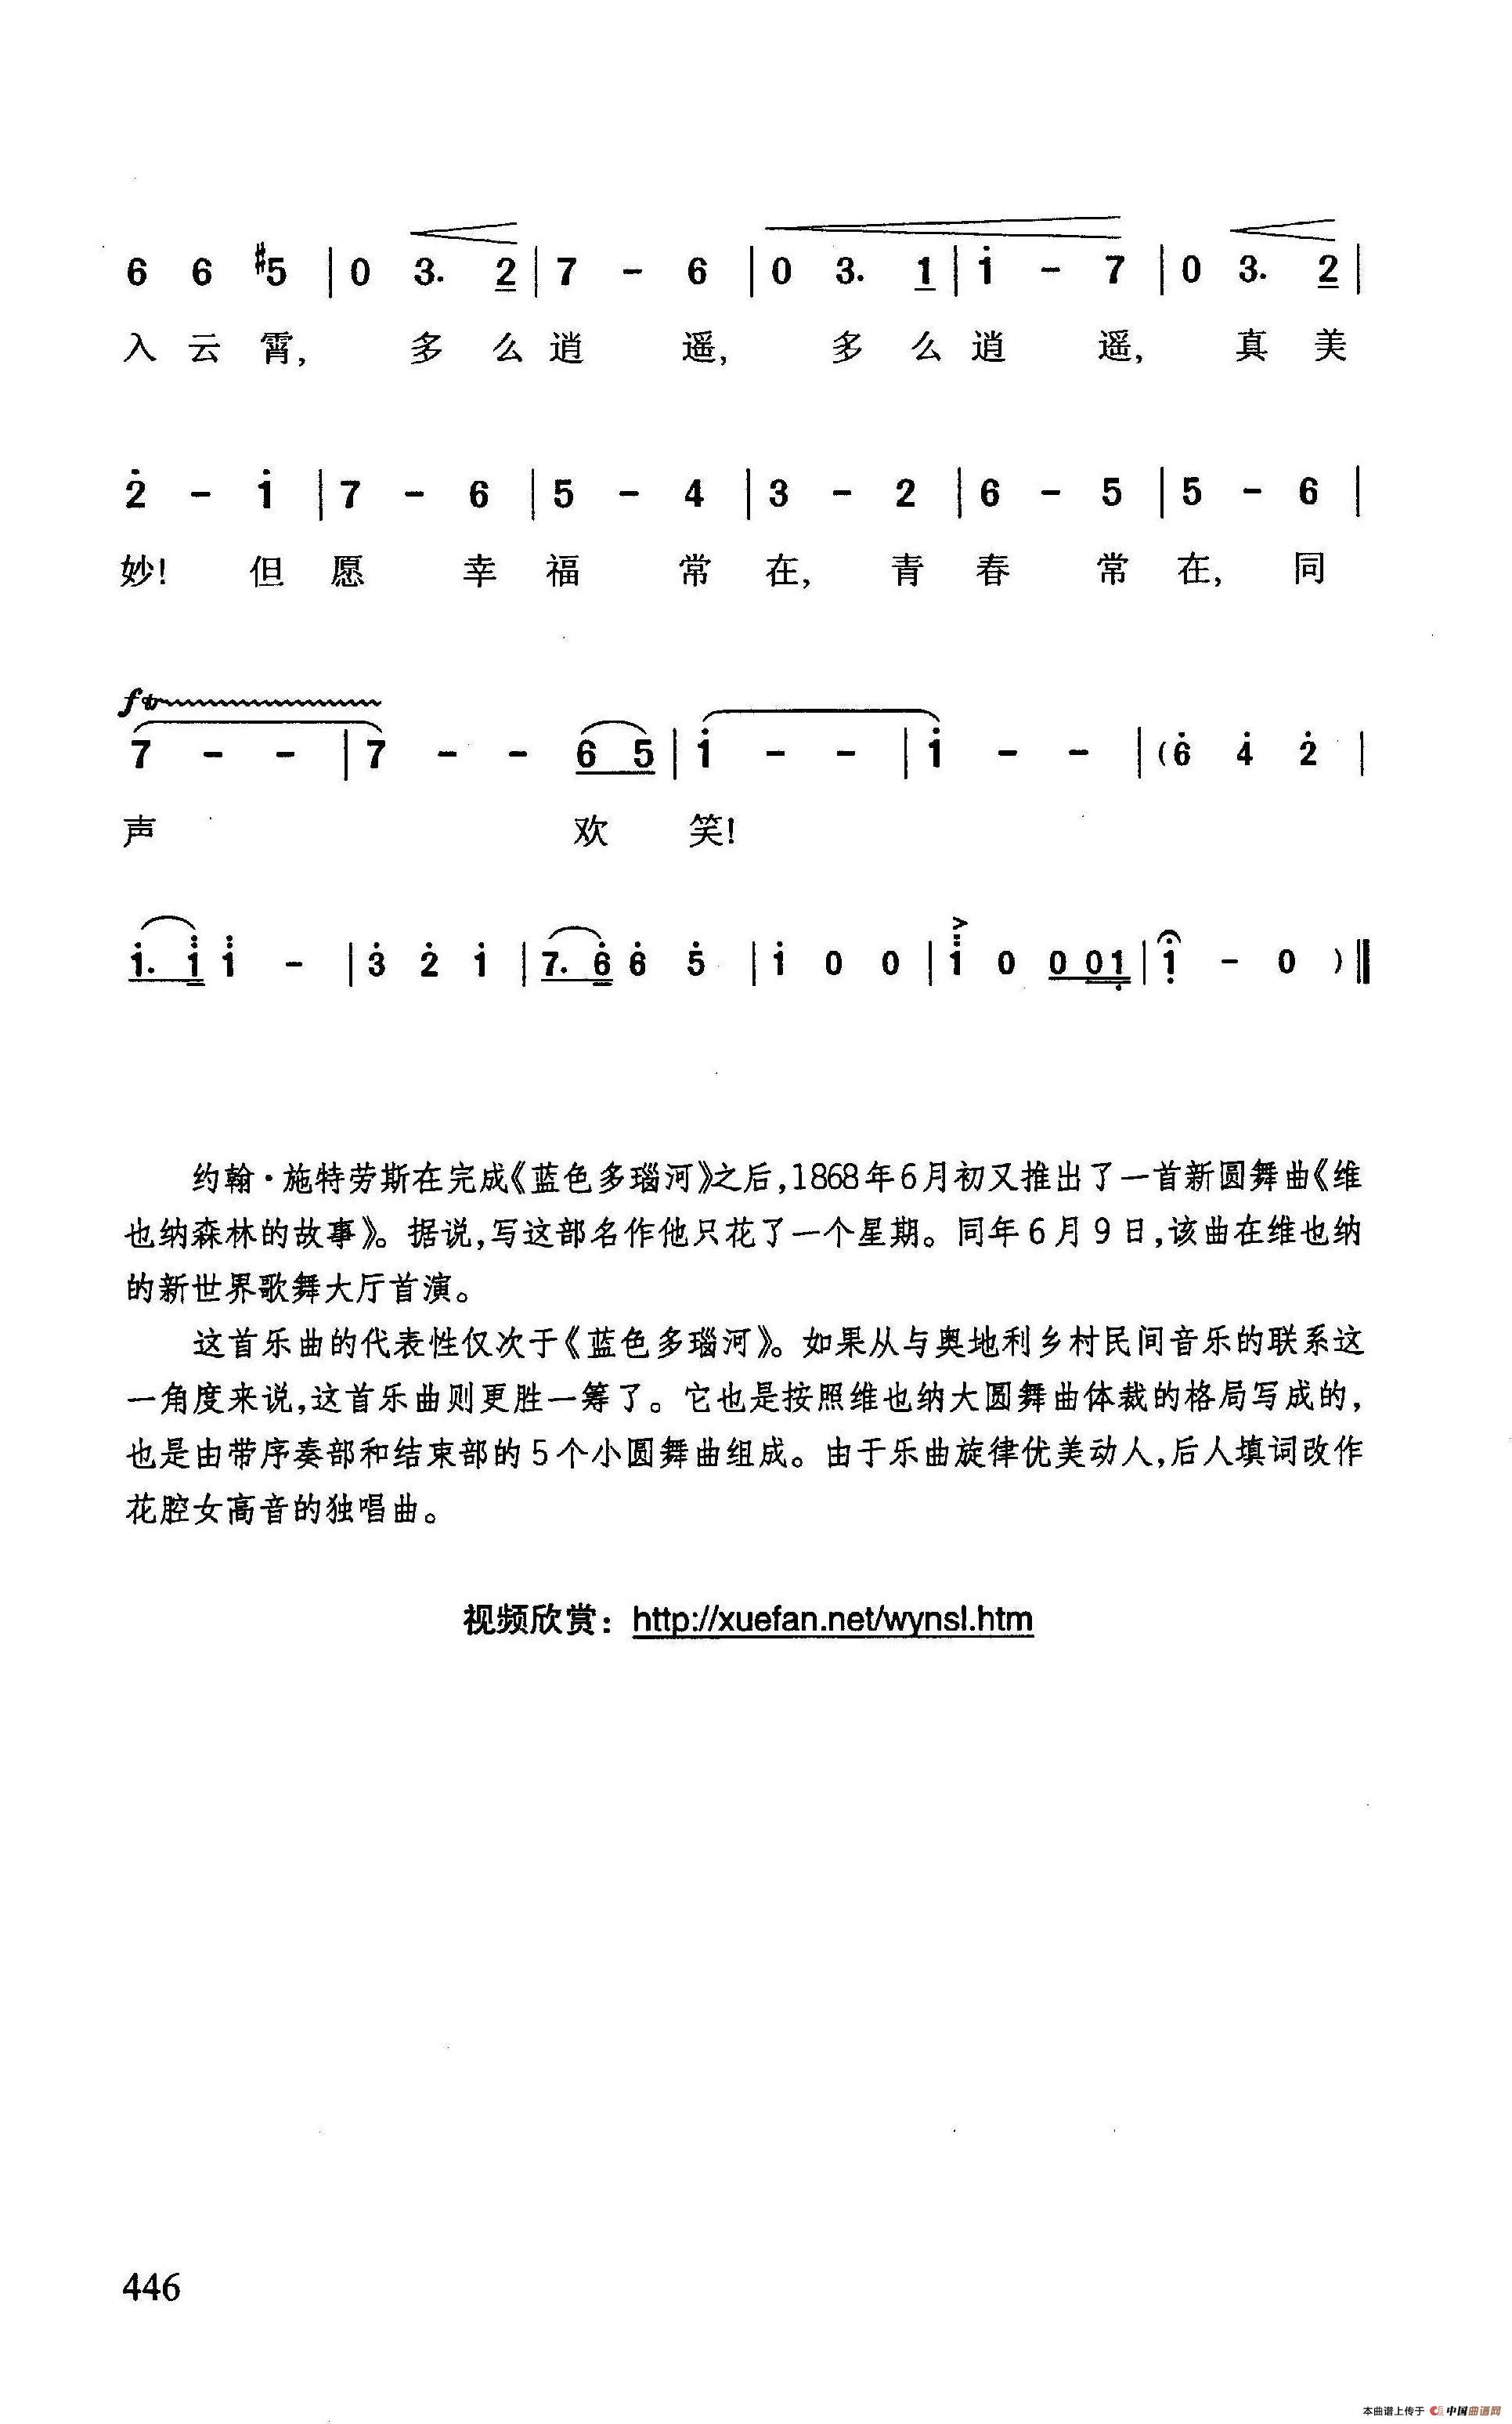 森林狂想曲古筝六重奏曲谱